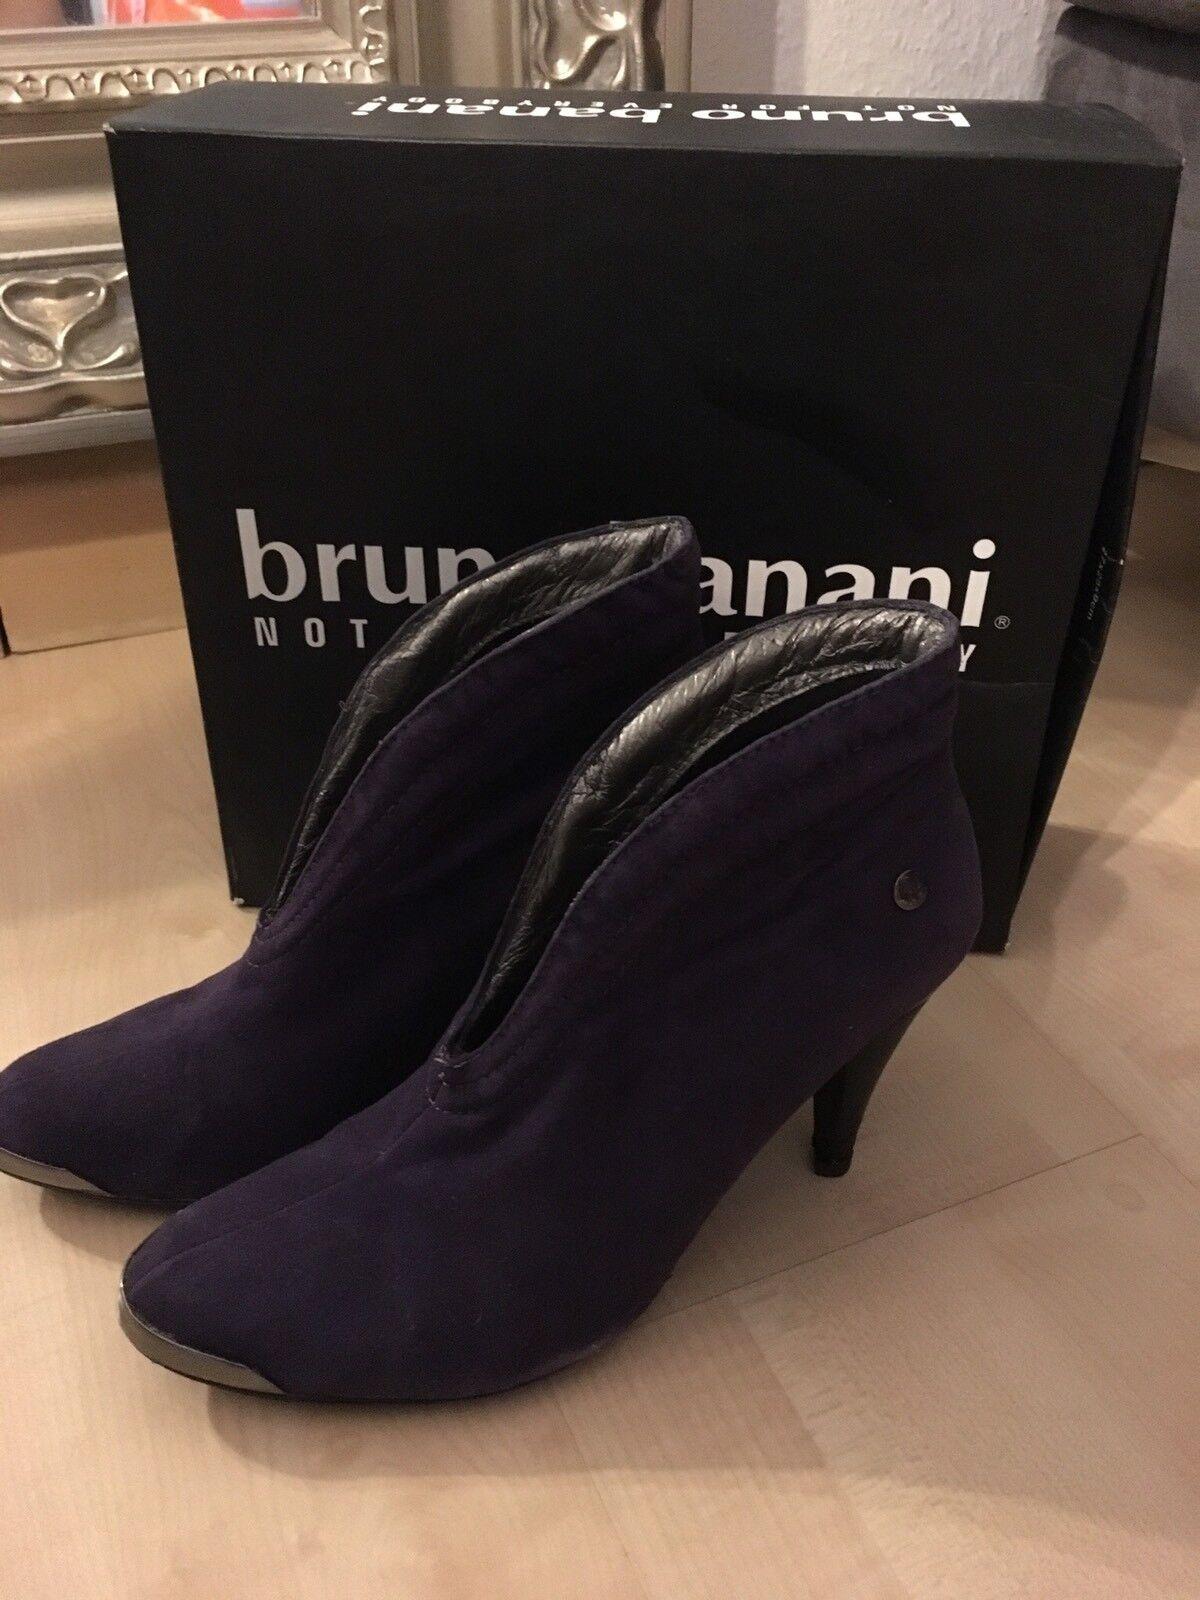 Bruno Banani Damen Stiefeletten, Größe 36